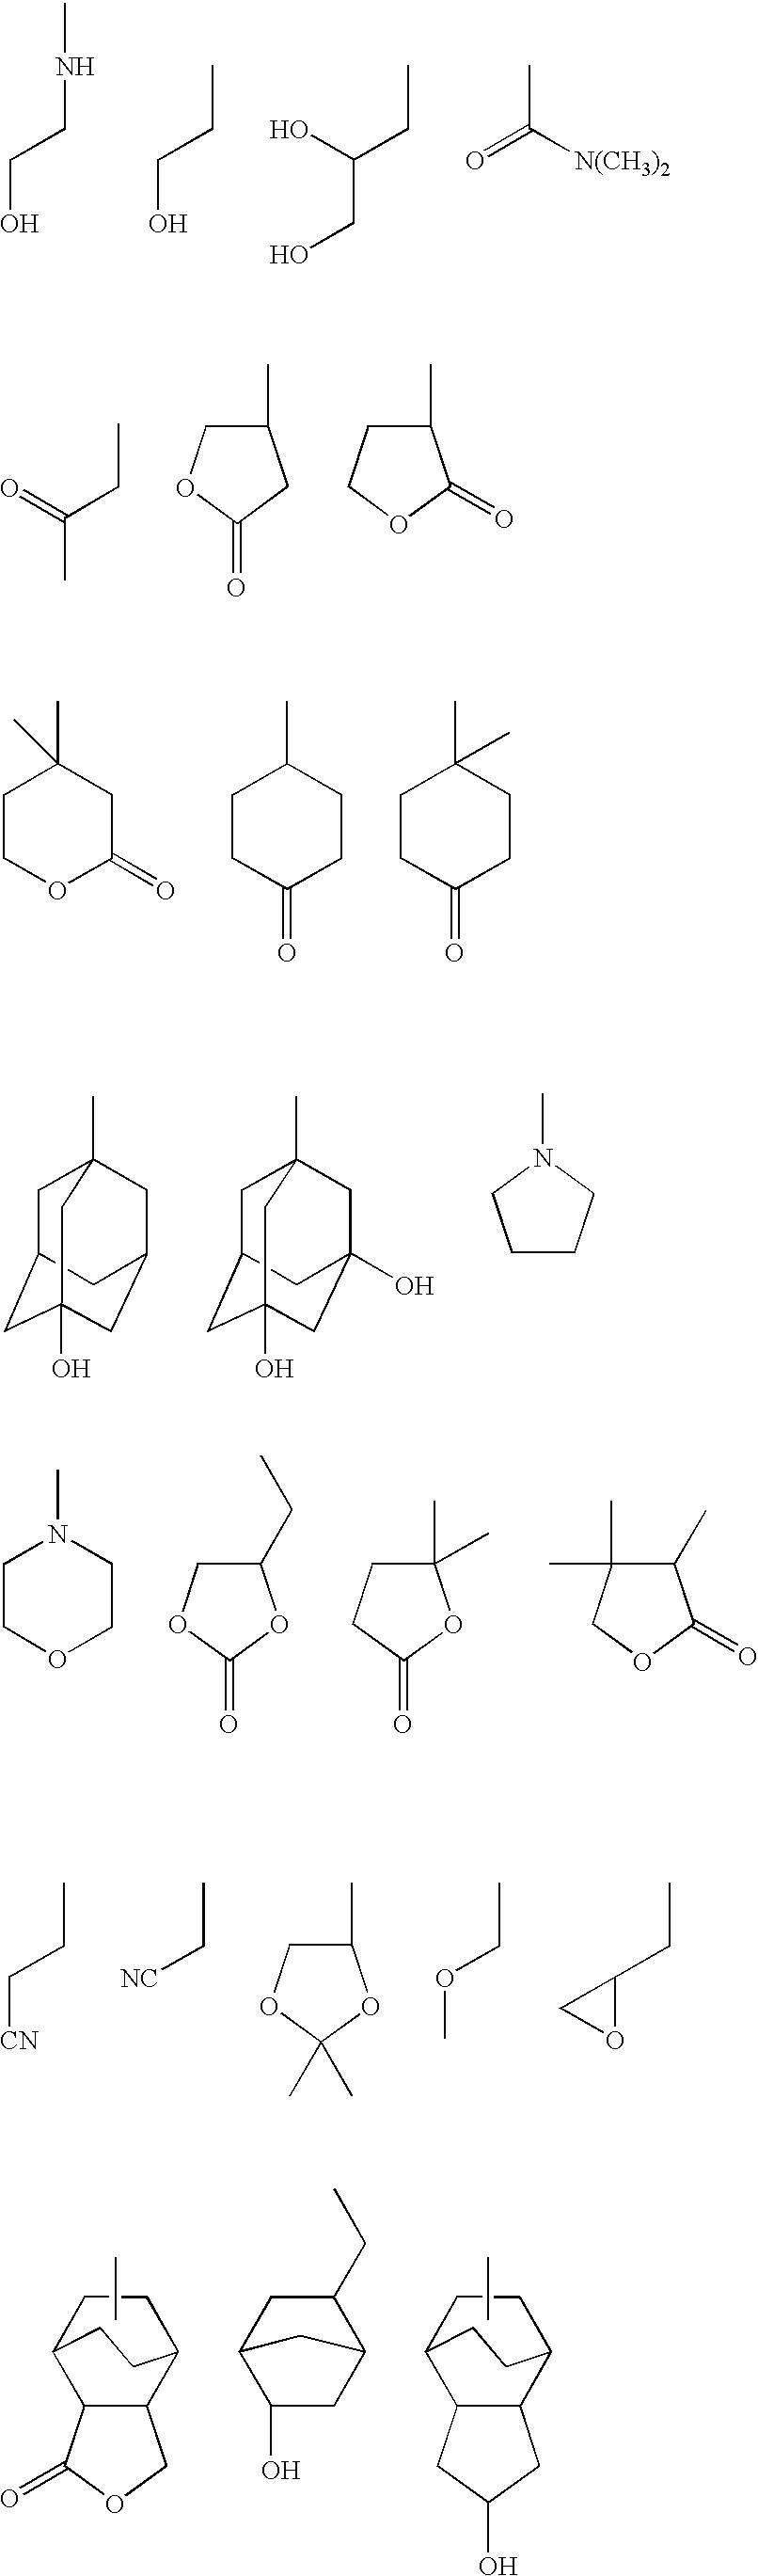 Figure US06864037-20050308-C00020